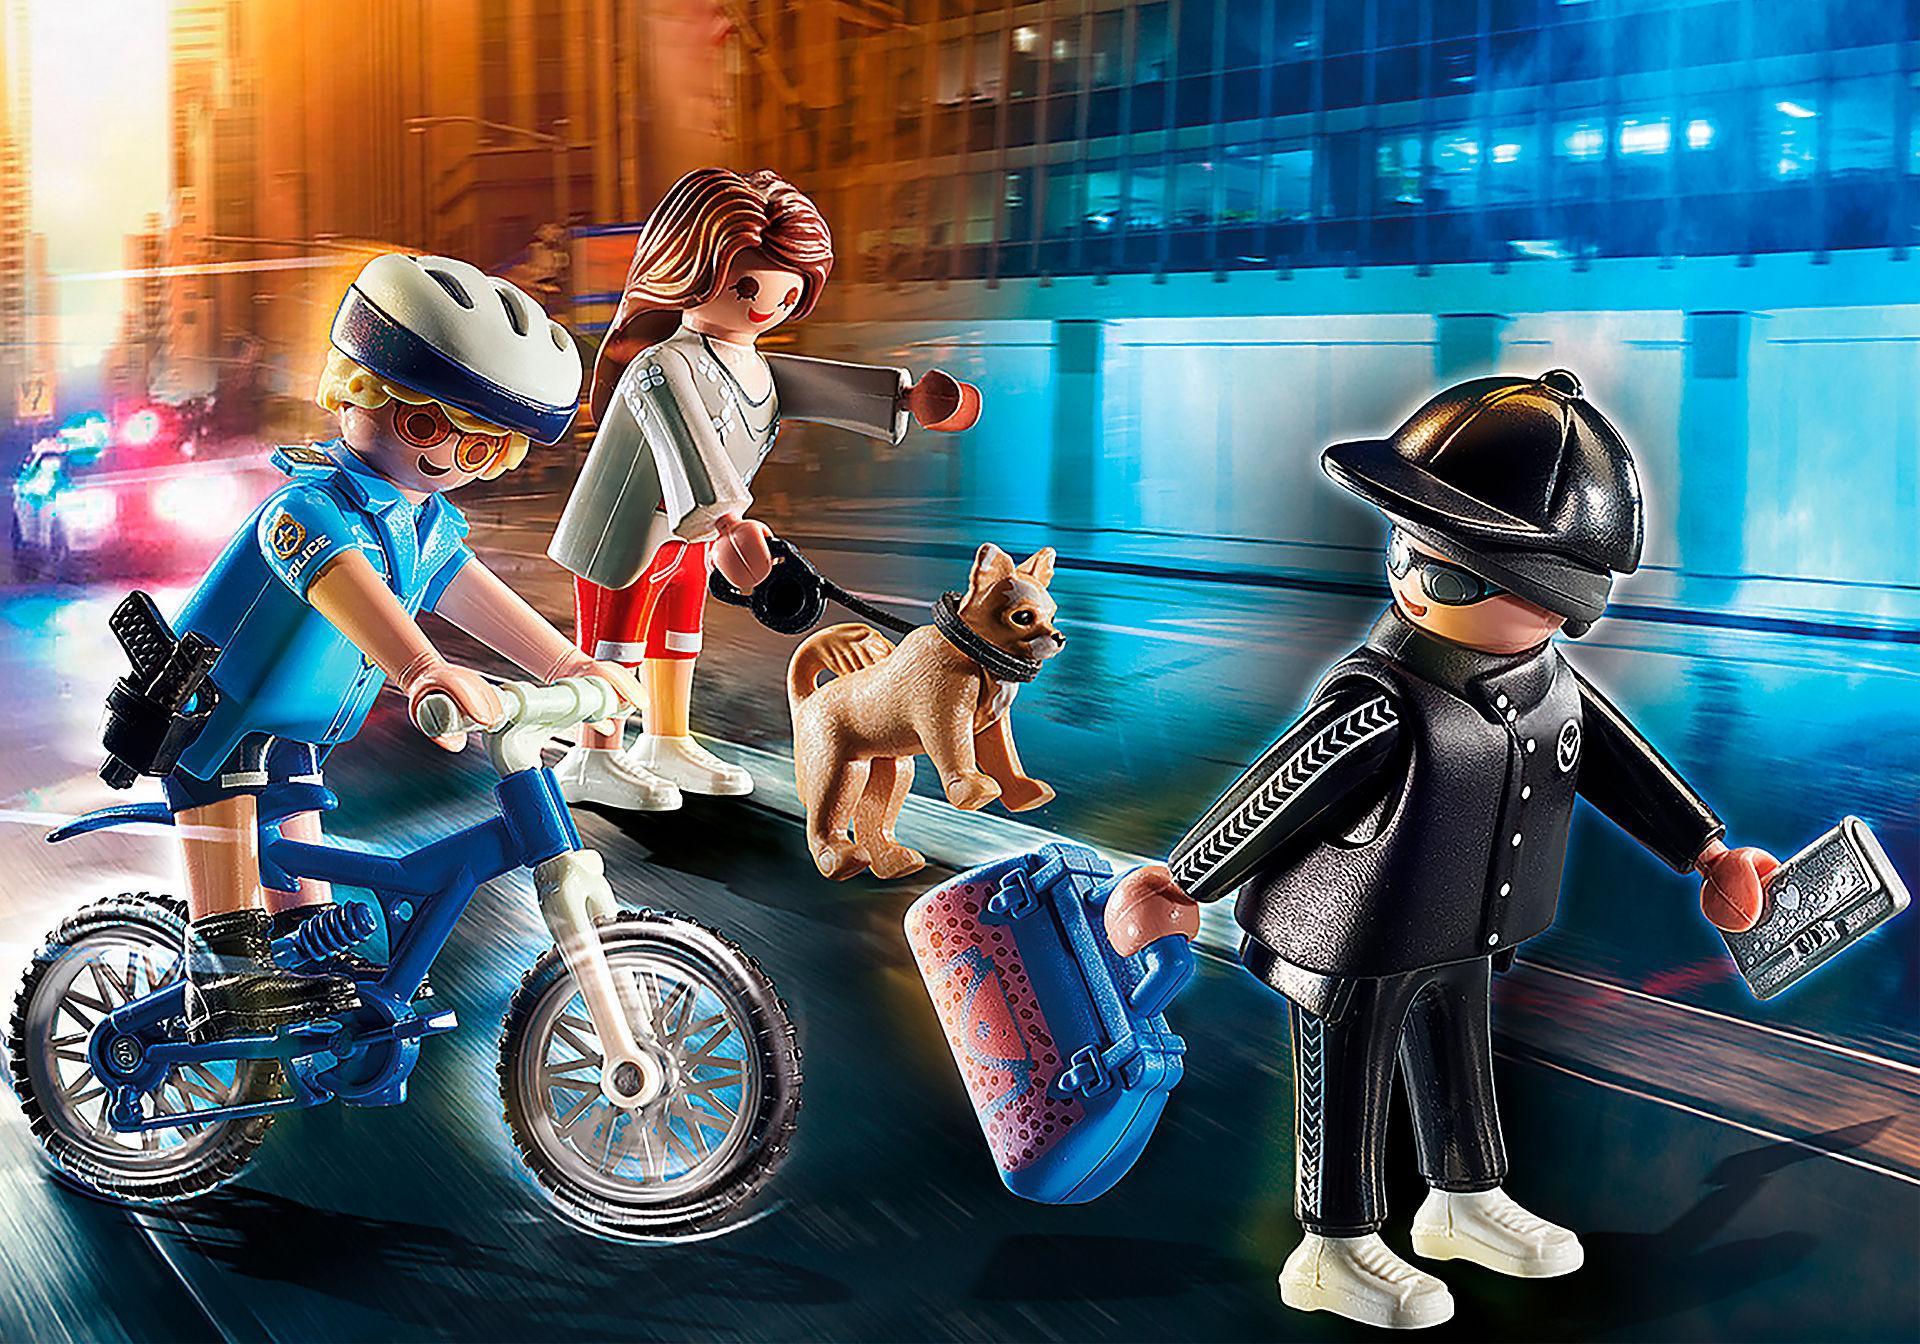 70573 Bici Policial: persecución del carterista zoom image1